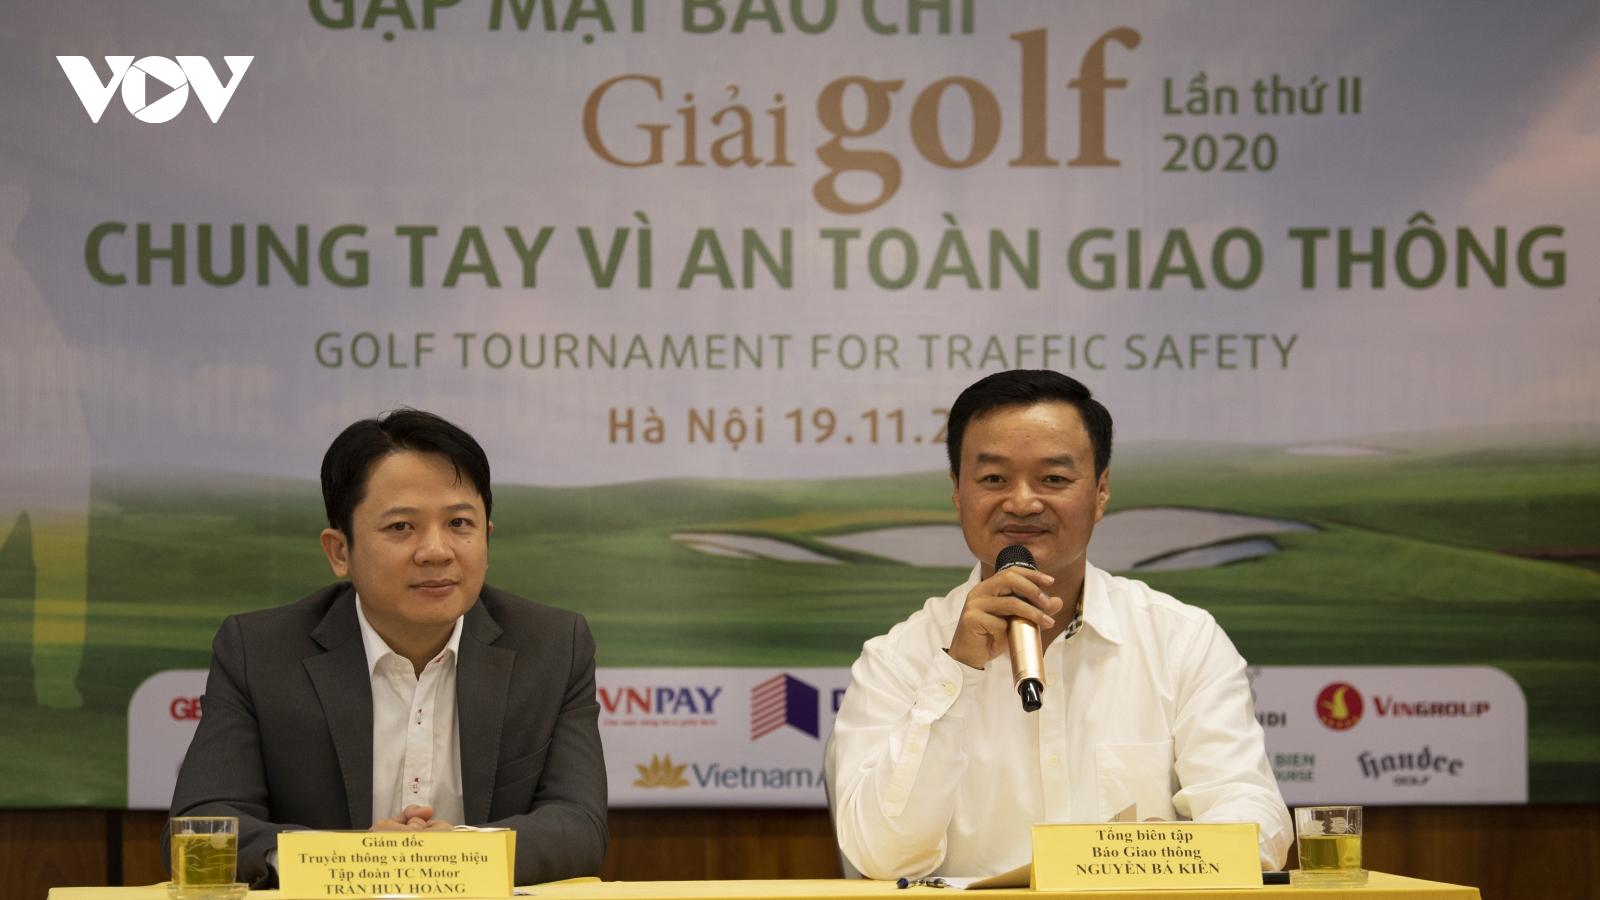 """Giải Golf gây quỹ """"Chung tay vì An toàn giao thông"""": Lan tỏa tinh thần tương thân tương ái"""